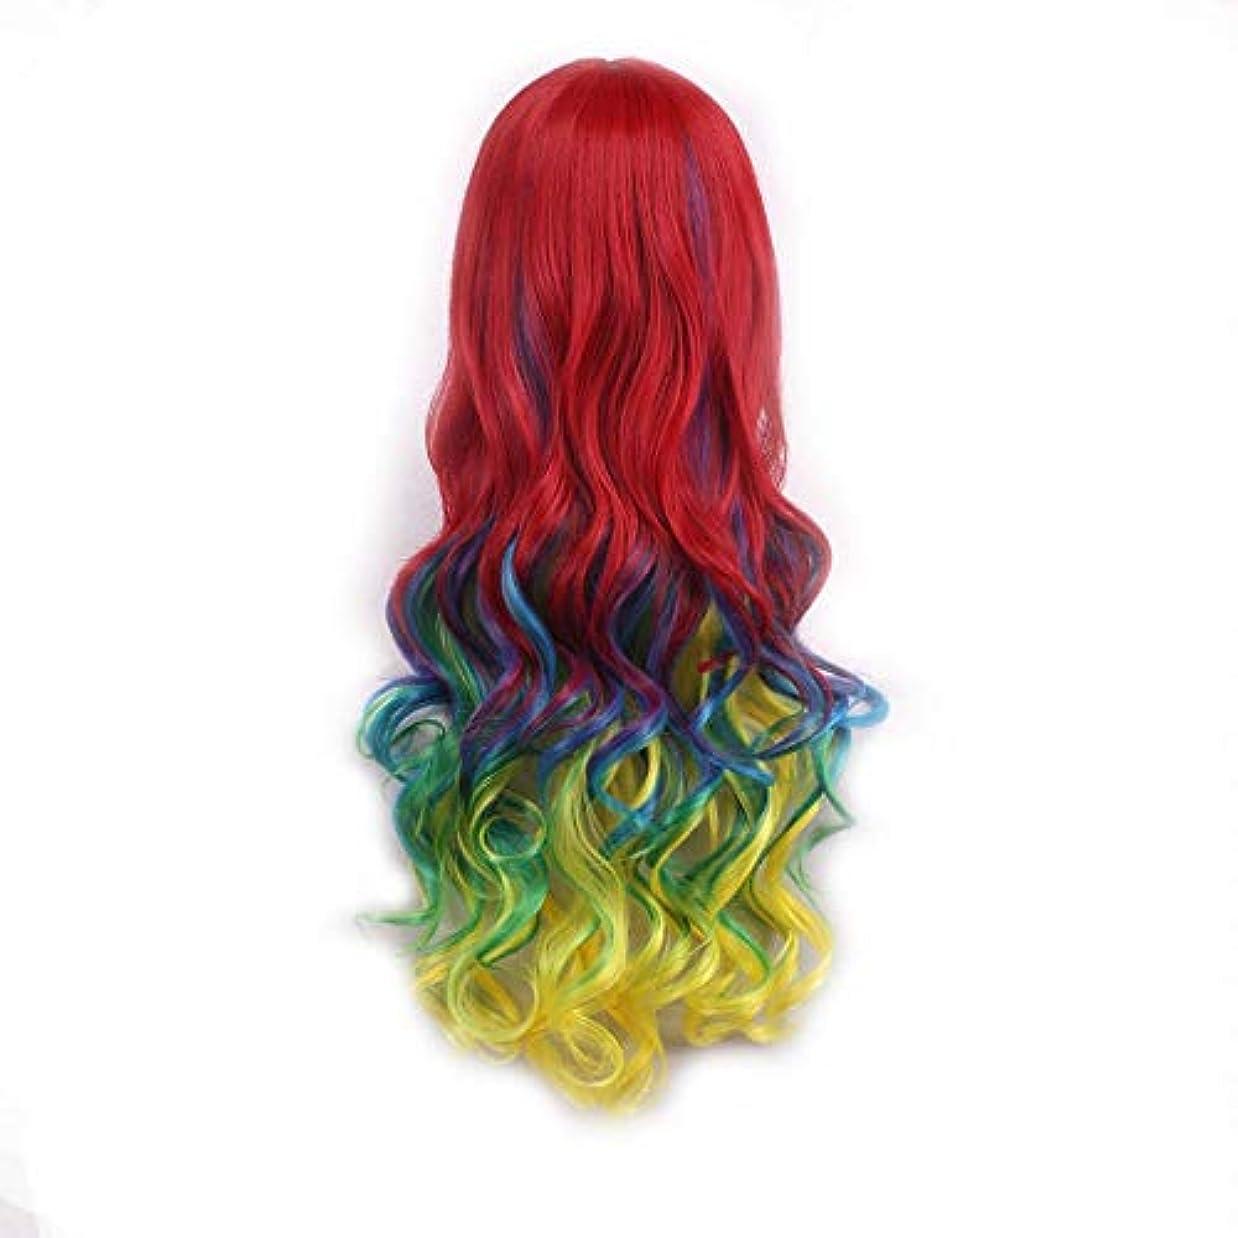 オーク倍率全部ウィッグキャップウィッグロングファンシードレスストレート&カールウィッグレディース高品質な合成色の髪のコスプレ高密度ウィッグ女性と女の子 (Color : Curls)